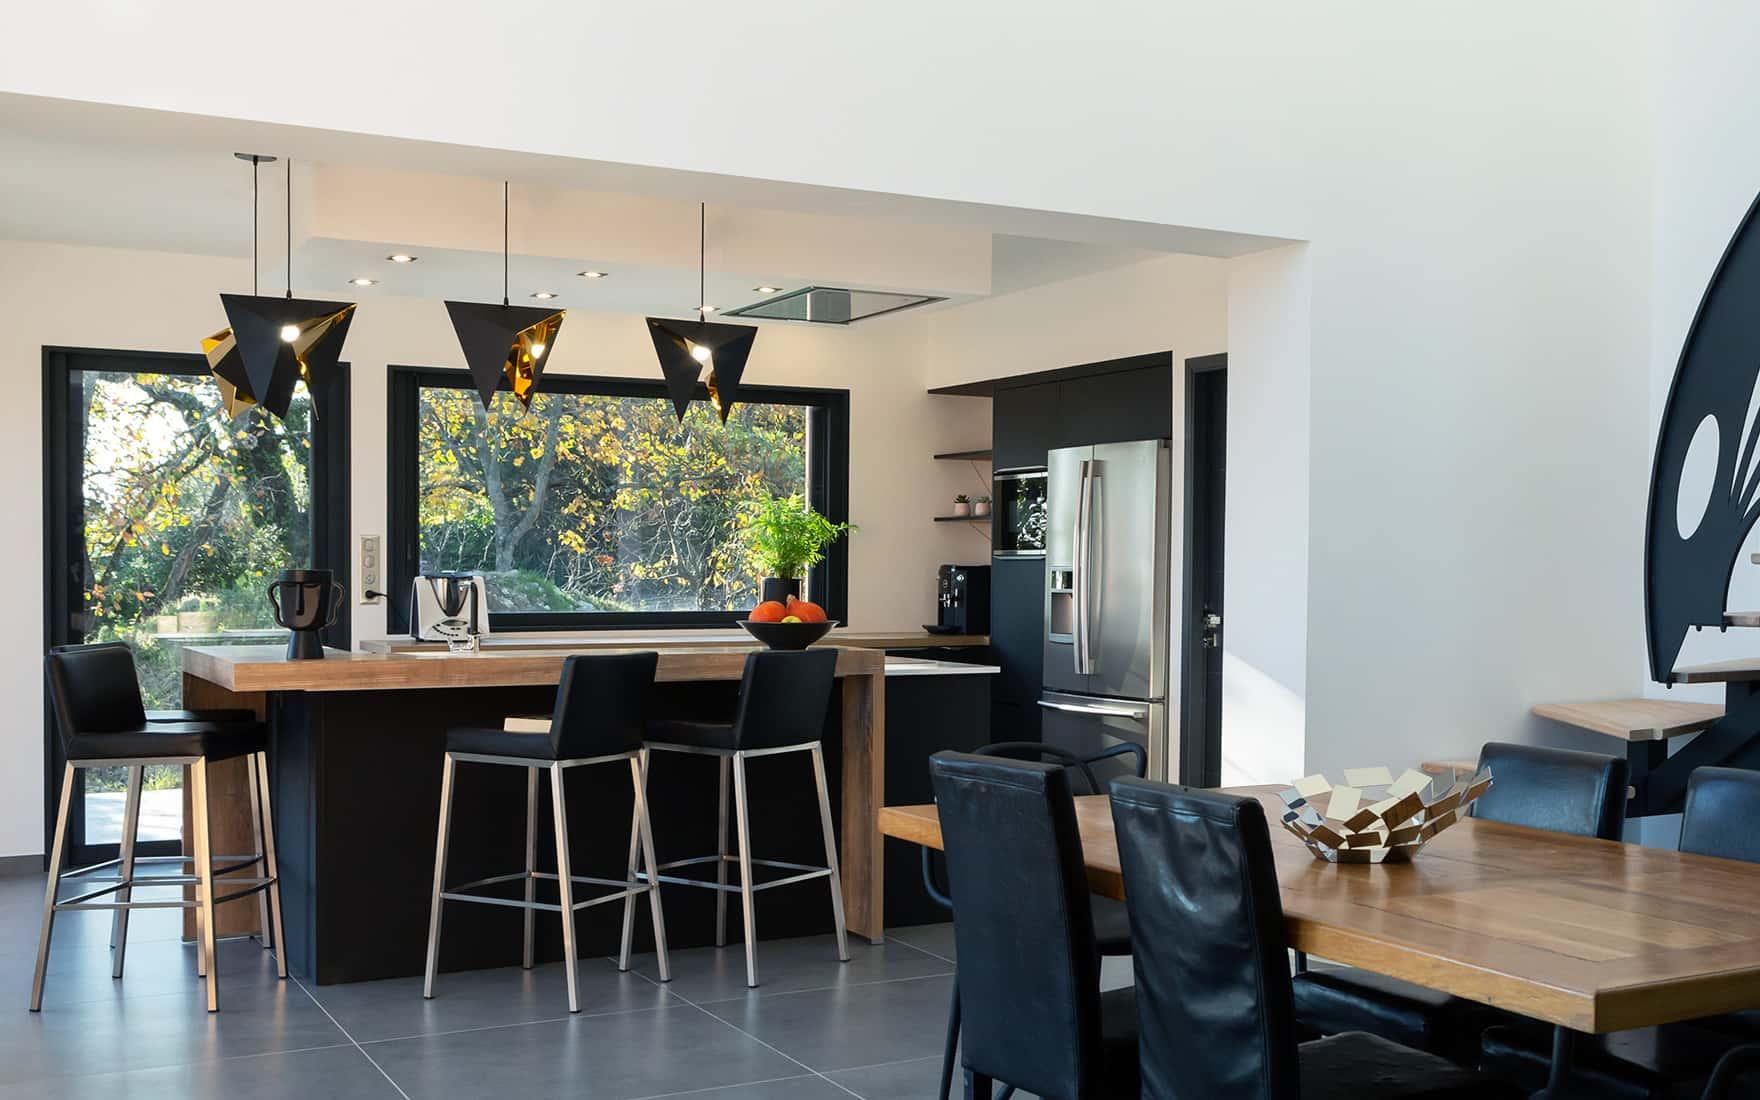 Projet de l'Atelier de Léa : cuisine moderne noire asymétrique sur-mesure avec plans de travail en bois et granite.